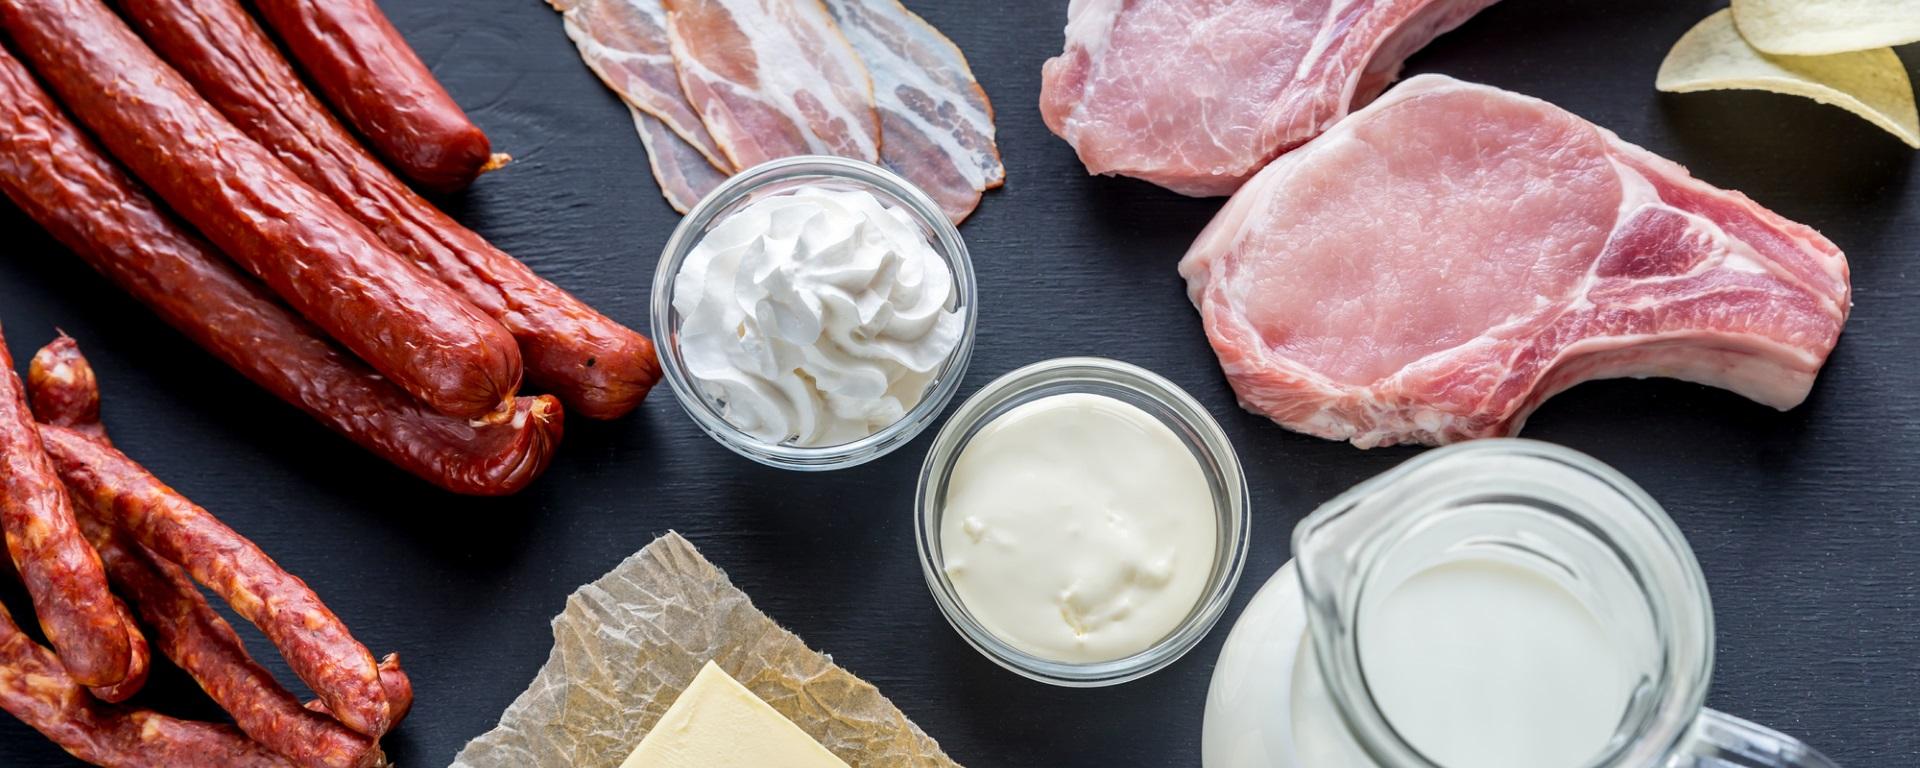 Gesättigte Fettsäuren reduzieren